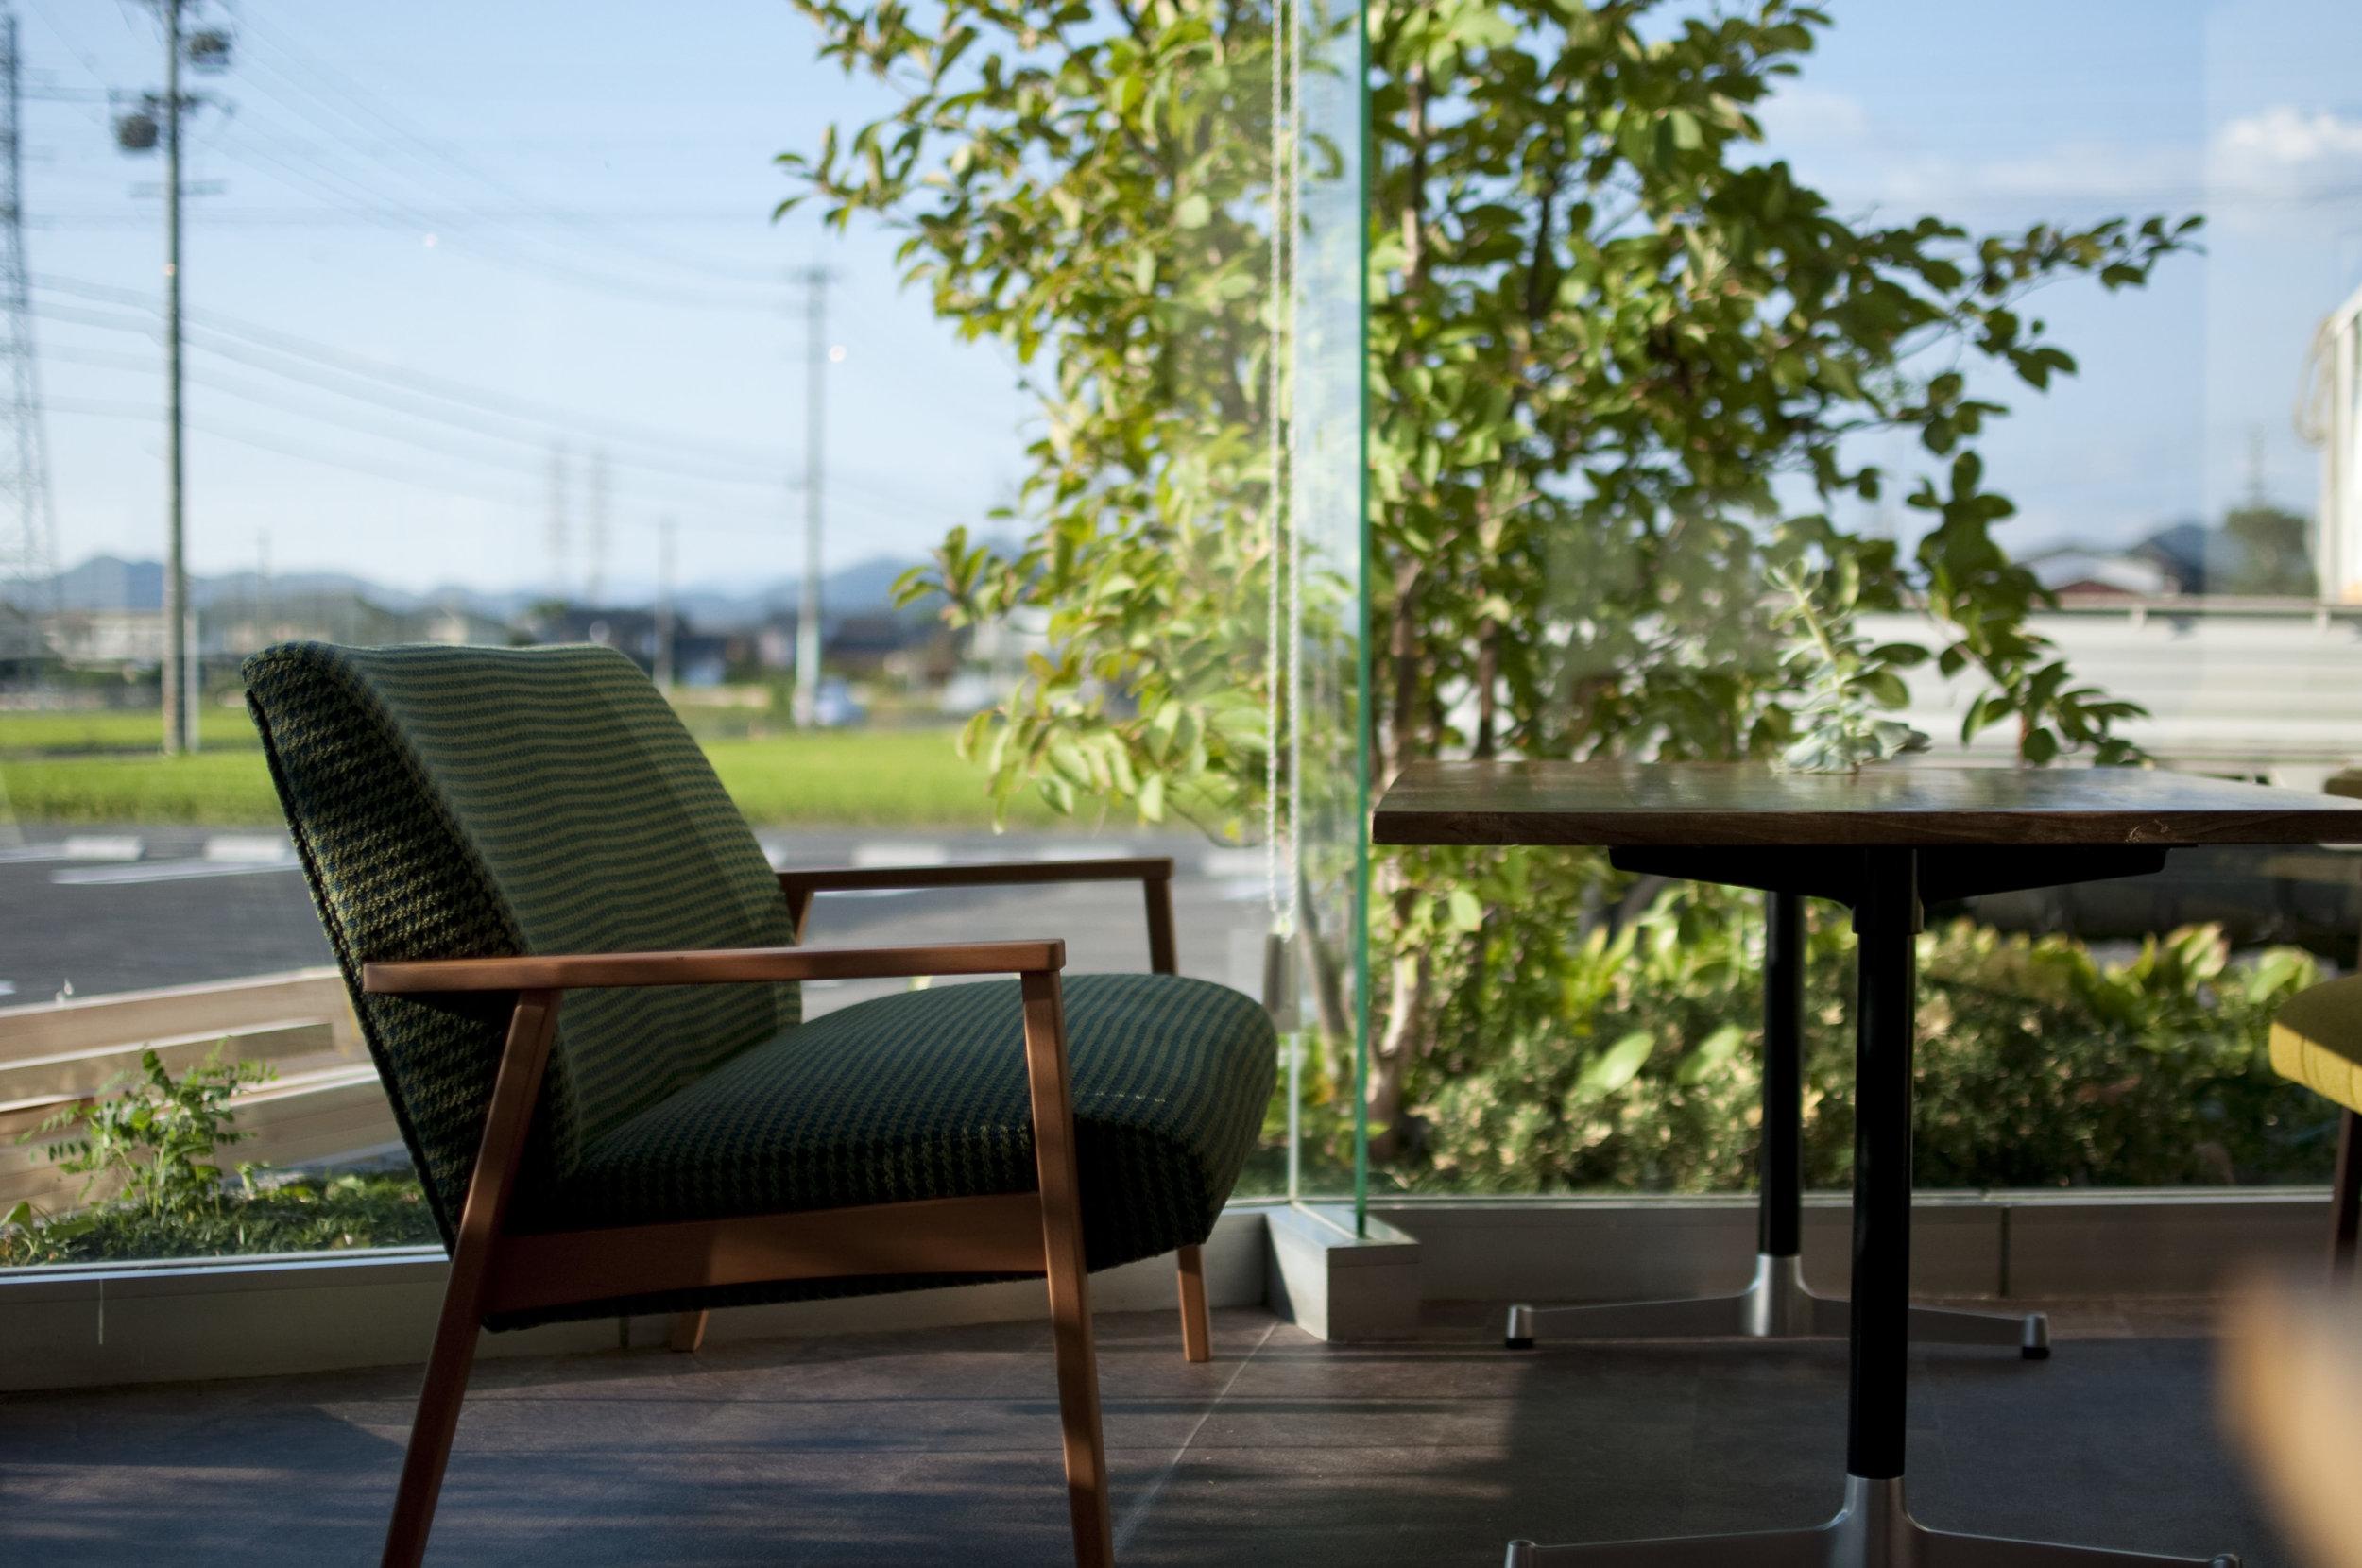 tona cafe トナカフェ 成正建装 愛知県 犬山市 新築 リフォーム 古民家再生 家づくり9.jpg